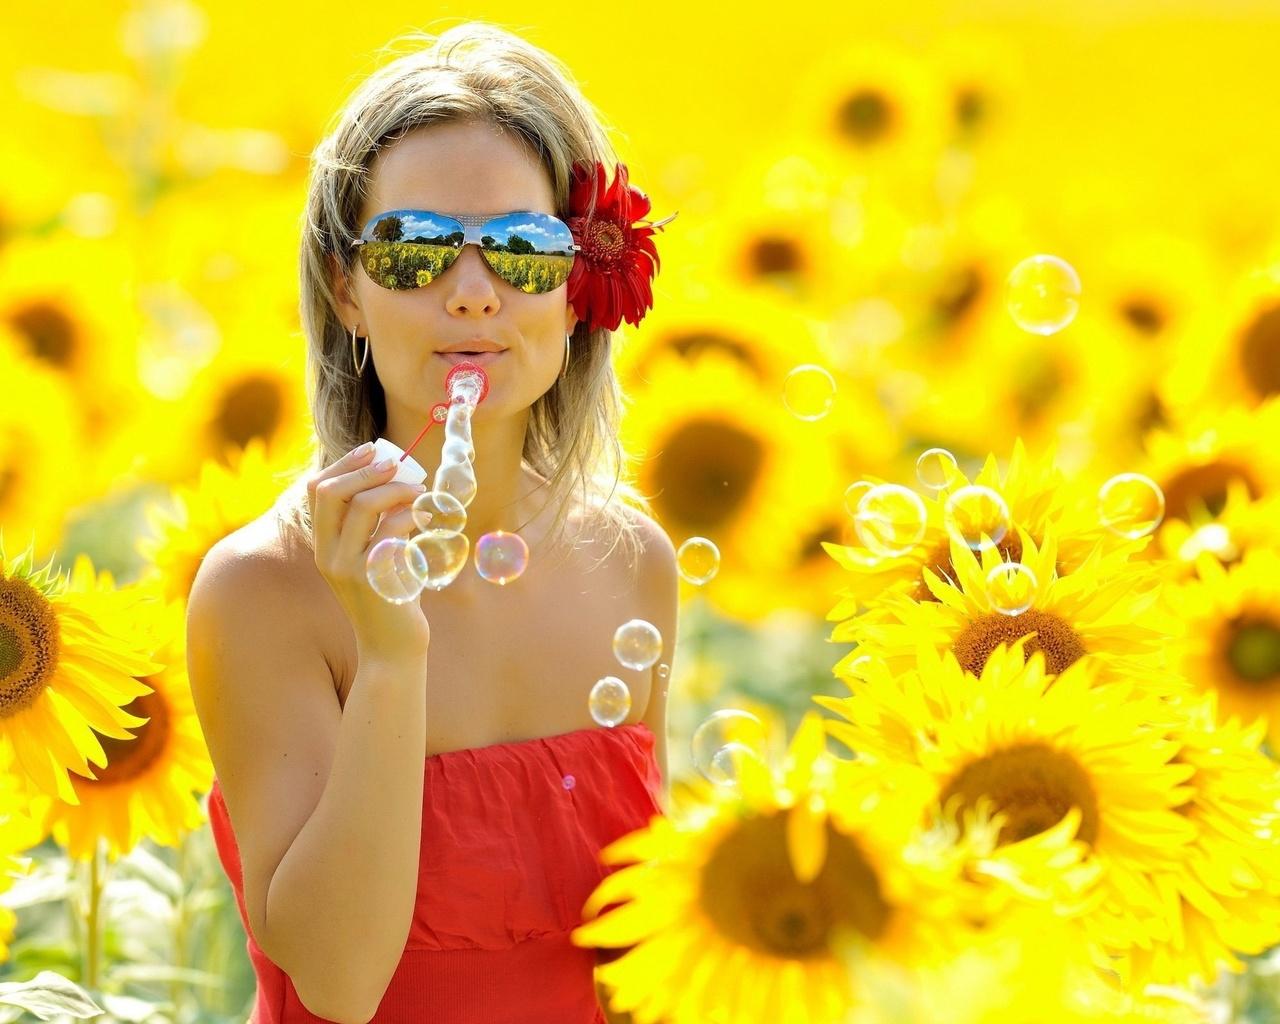 Лето в картинках для вконтакте